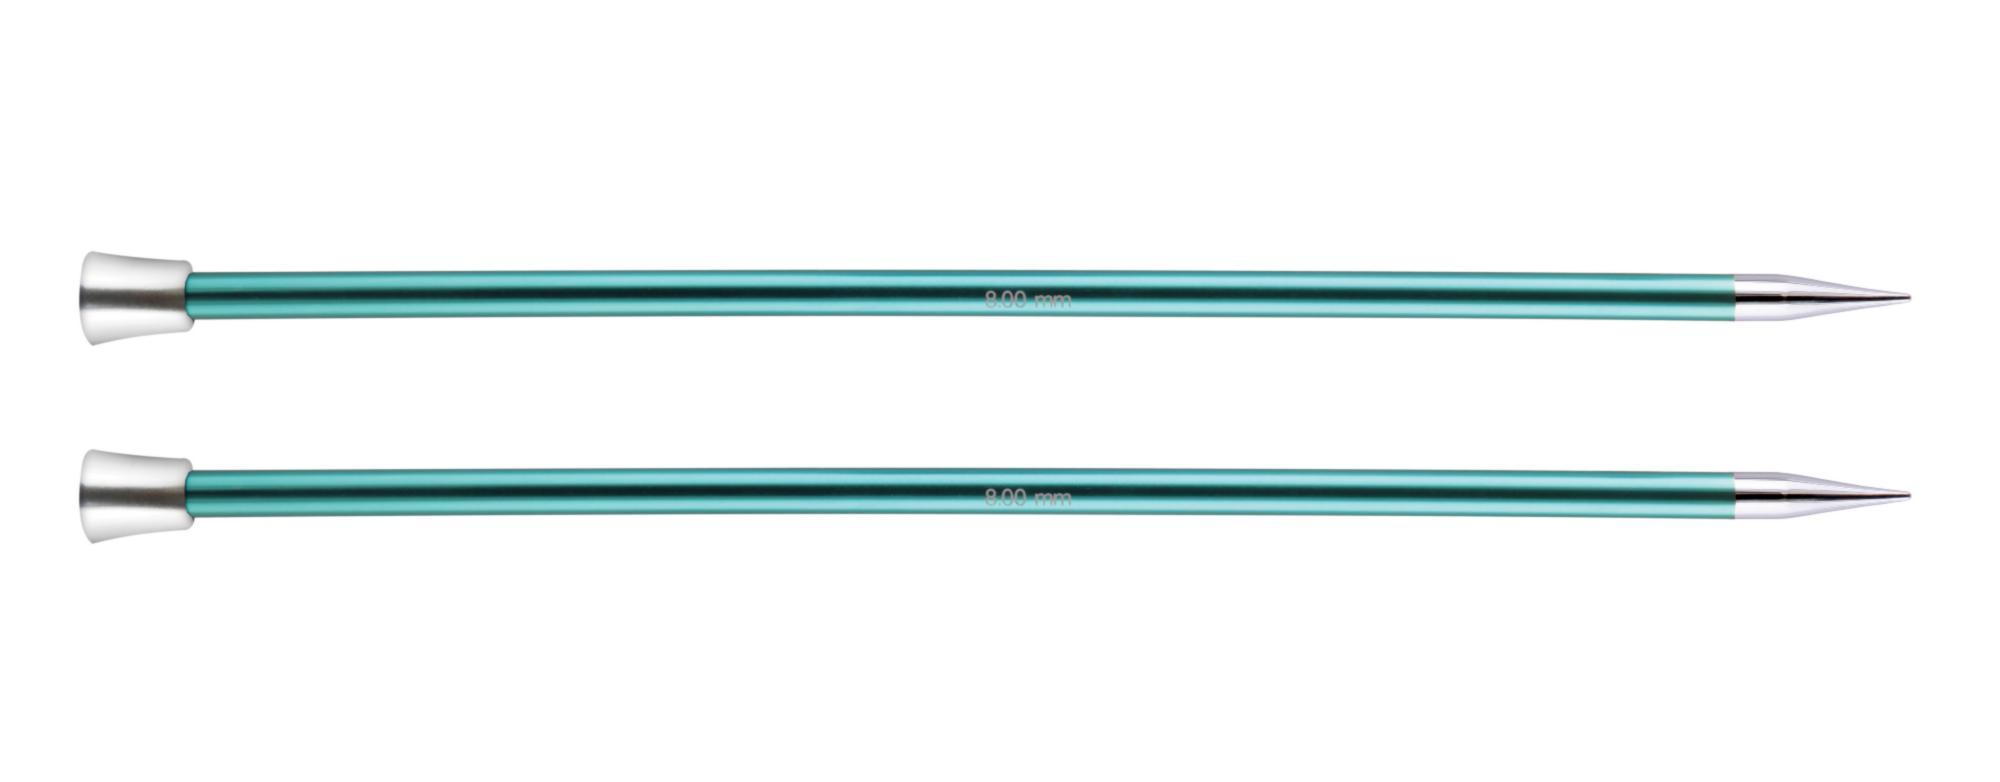 Спицы прямые 40 см Zing KnitPro, 47336, 8.00 мм